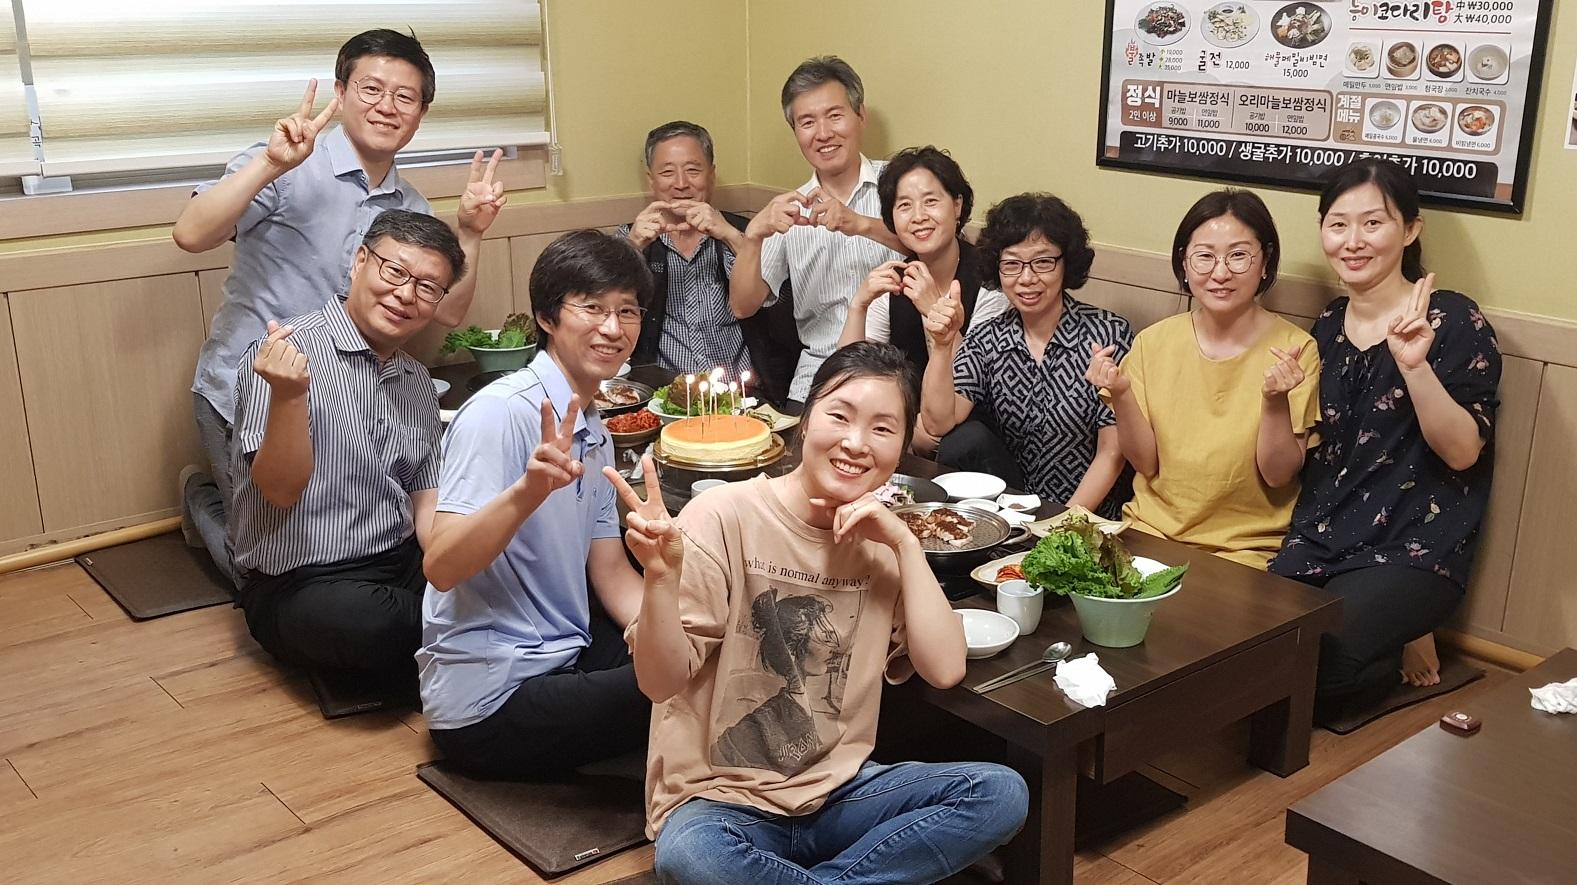 20190713_새로남주말2가족s1.jpg